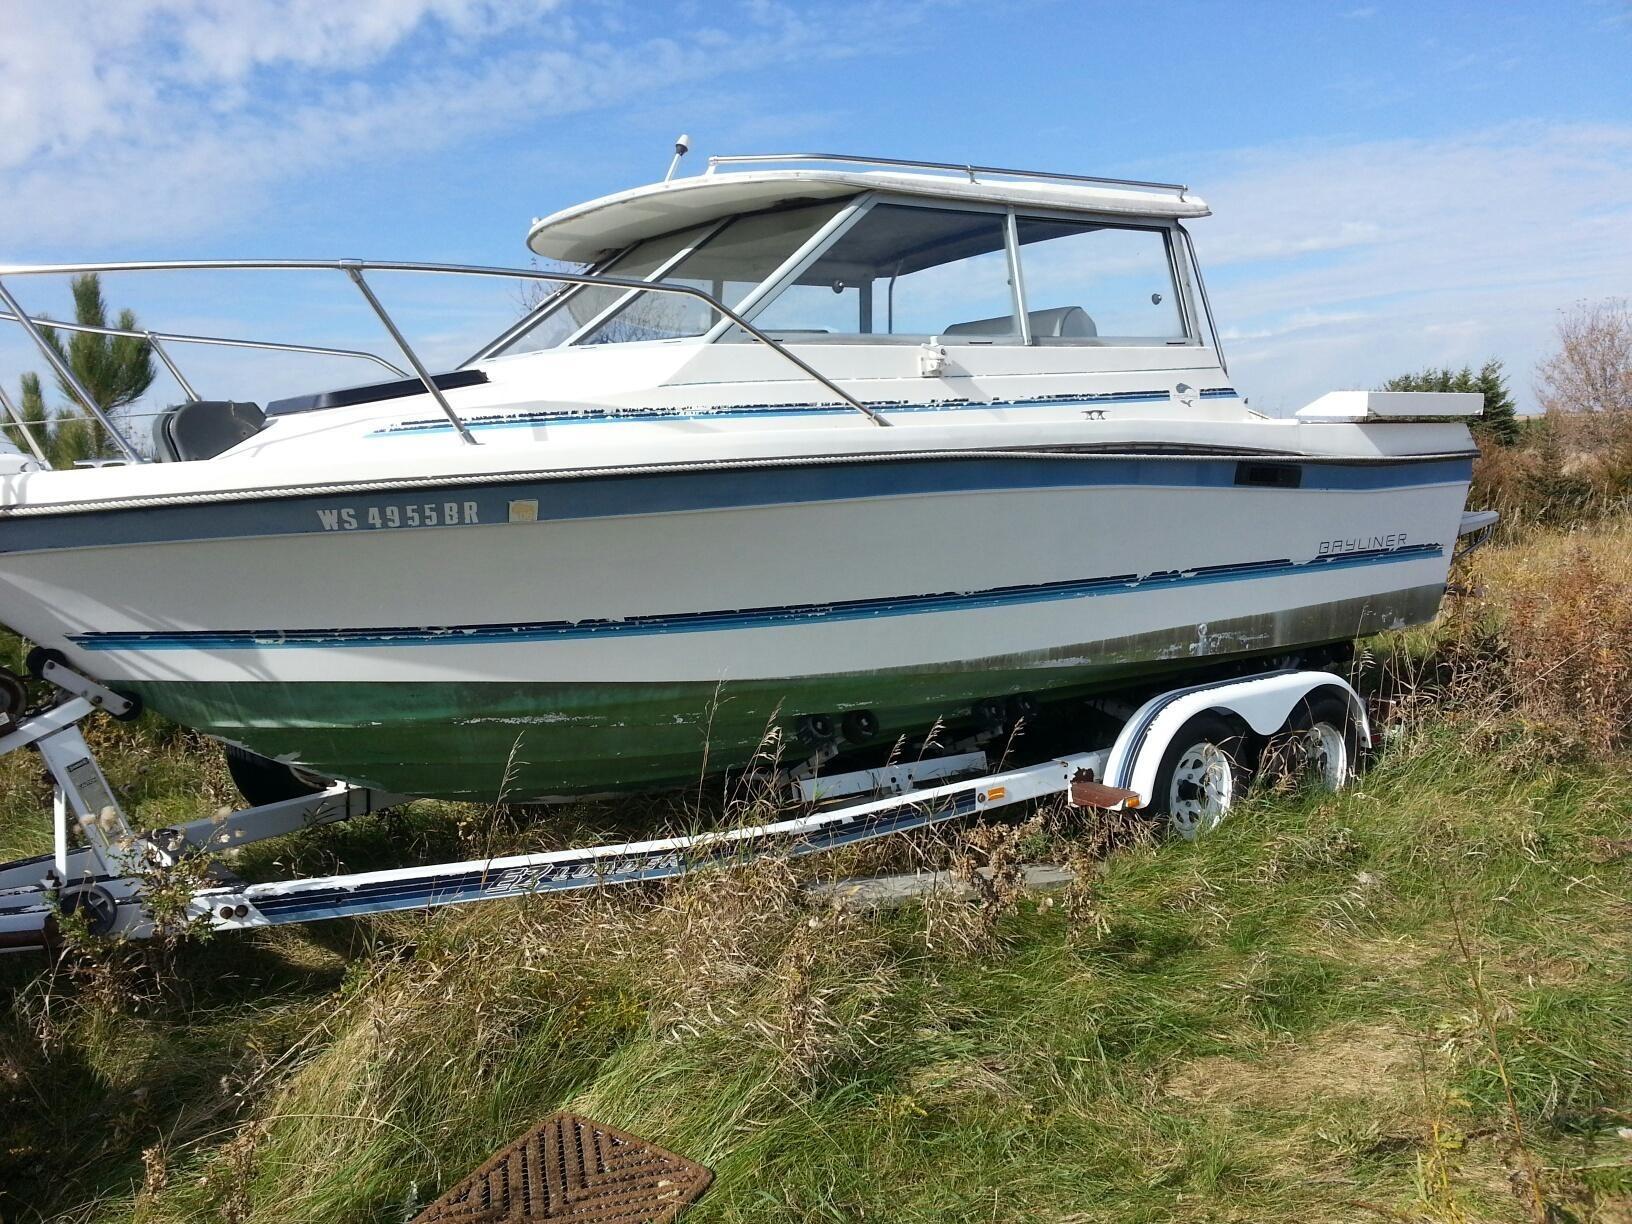 Change Starter 1988 Bayliner Omc Boat